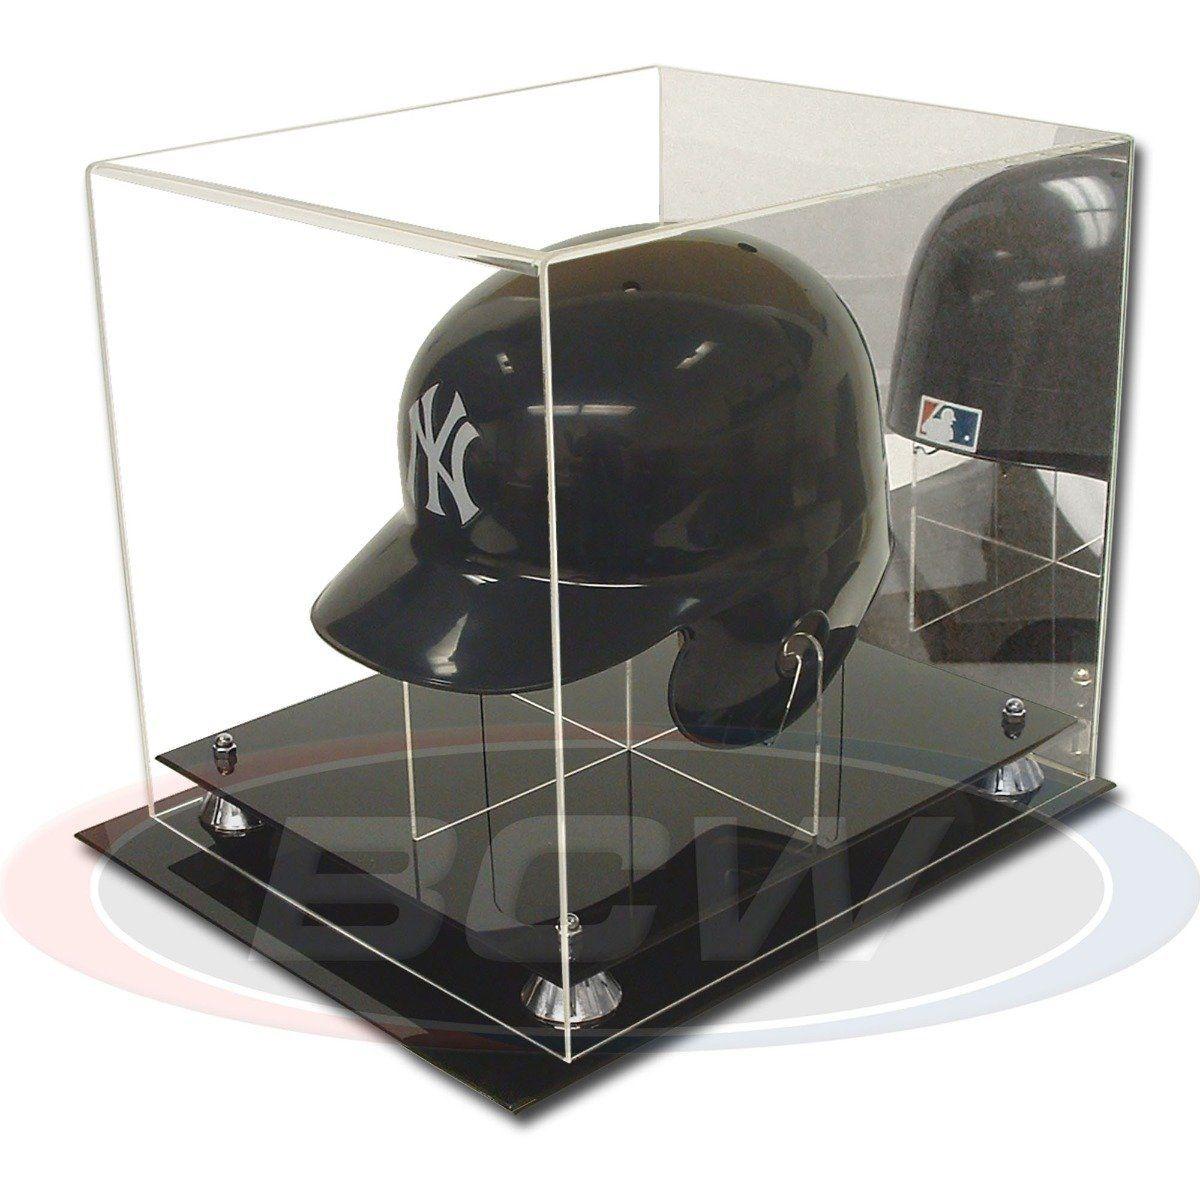 Acrylic Baseball Helmet Display In 2020 Baseball Helmet Sports Memorabilia Display Memorabilia Display